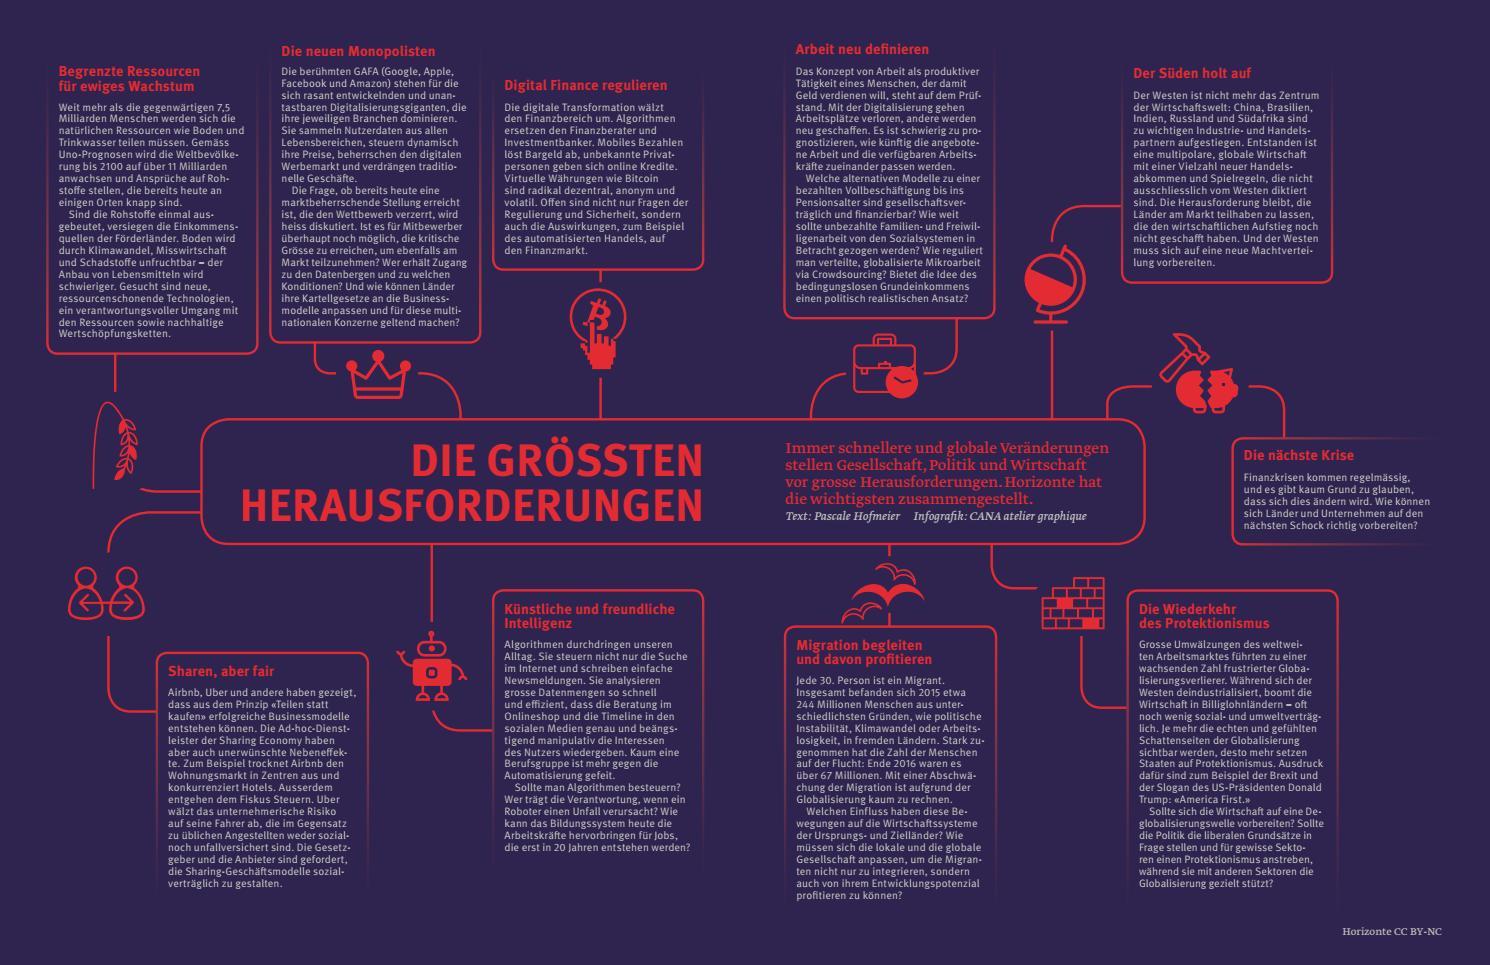 Die Grössten Herausforderungen - Horizonte 114 By Snsf - Issuu pour Ateliers Graphiques Ps